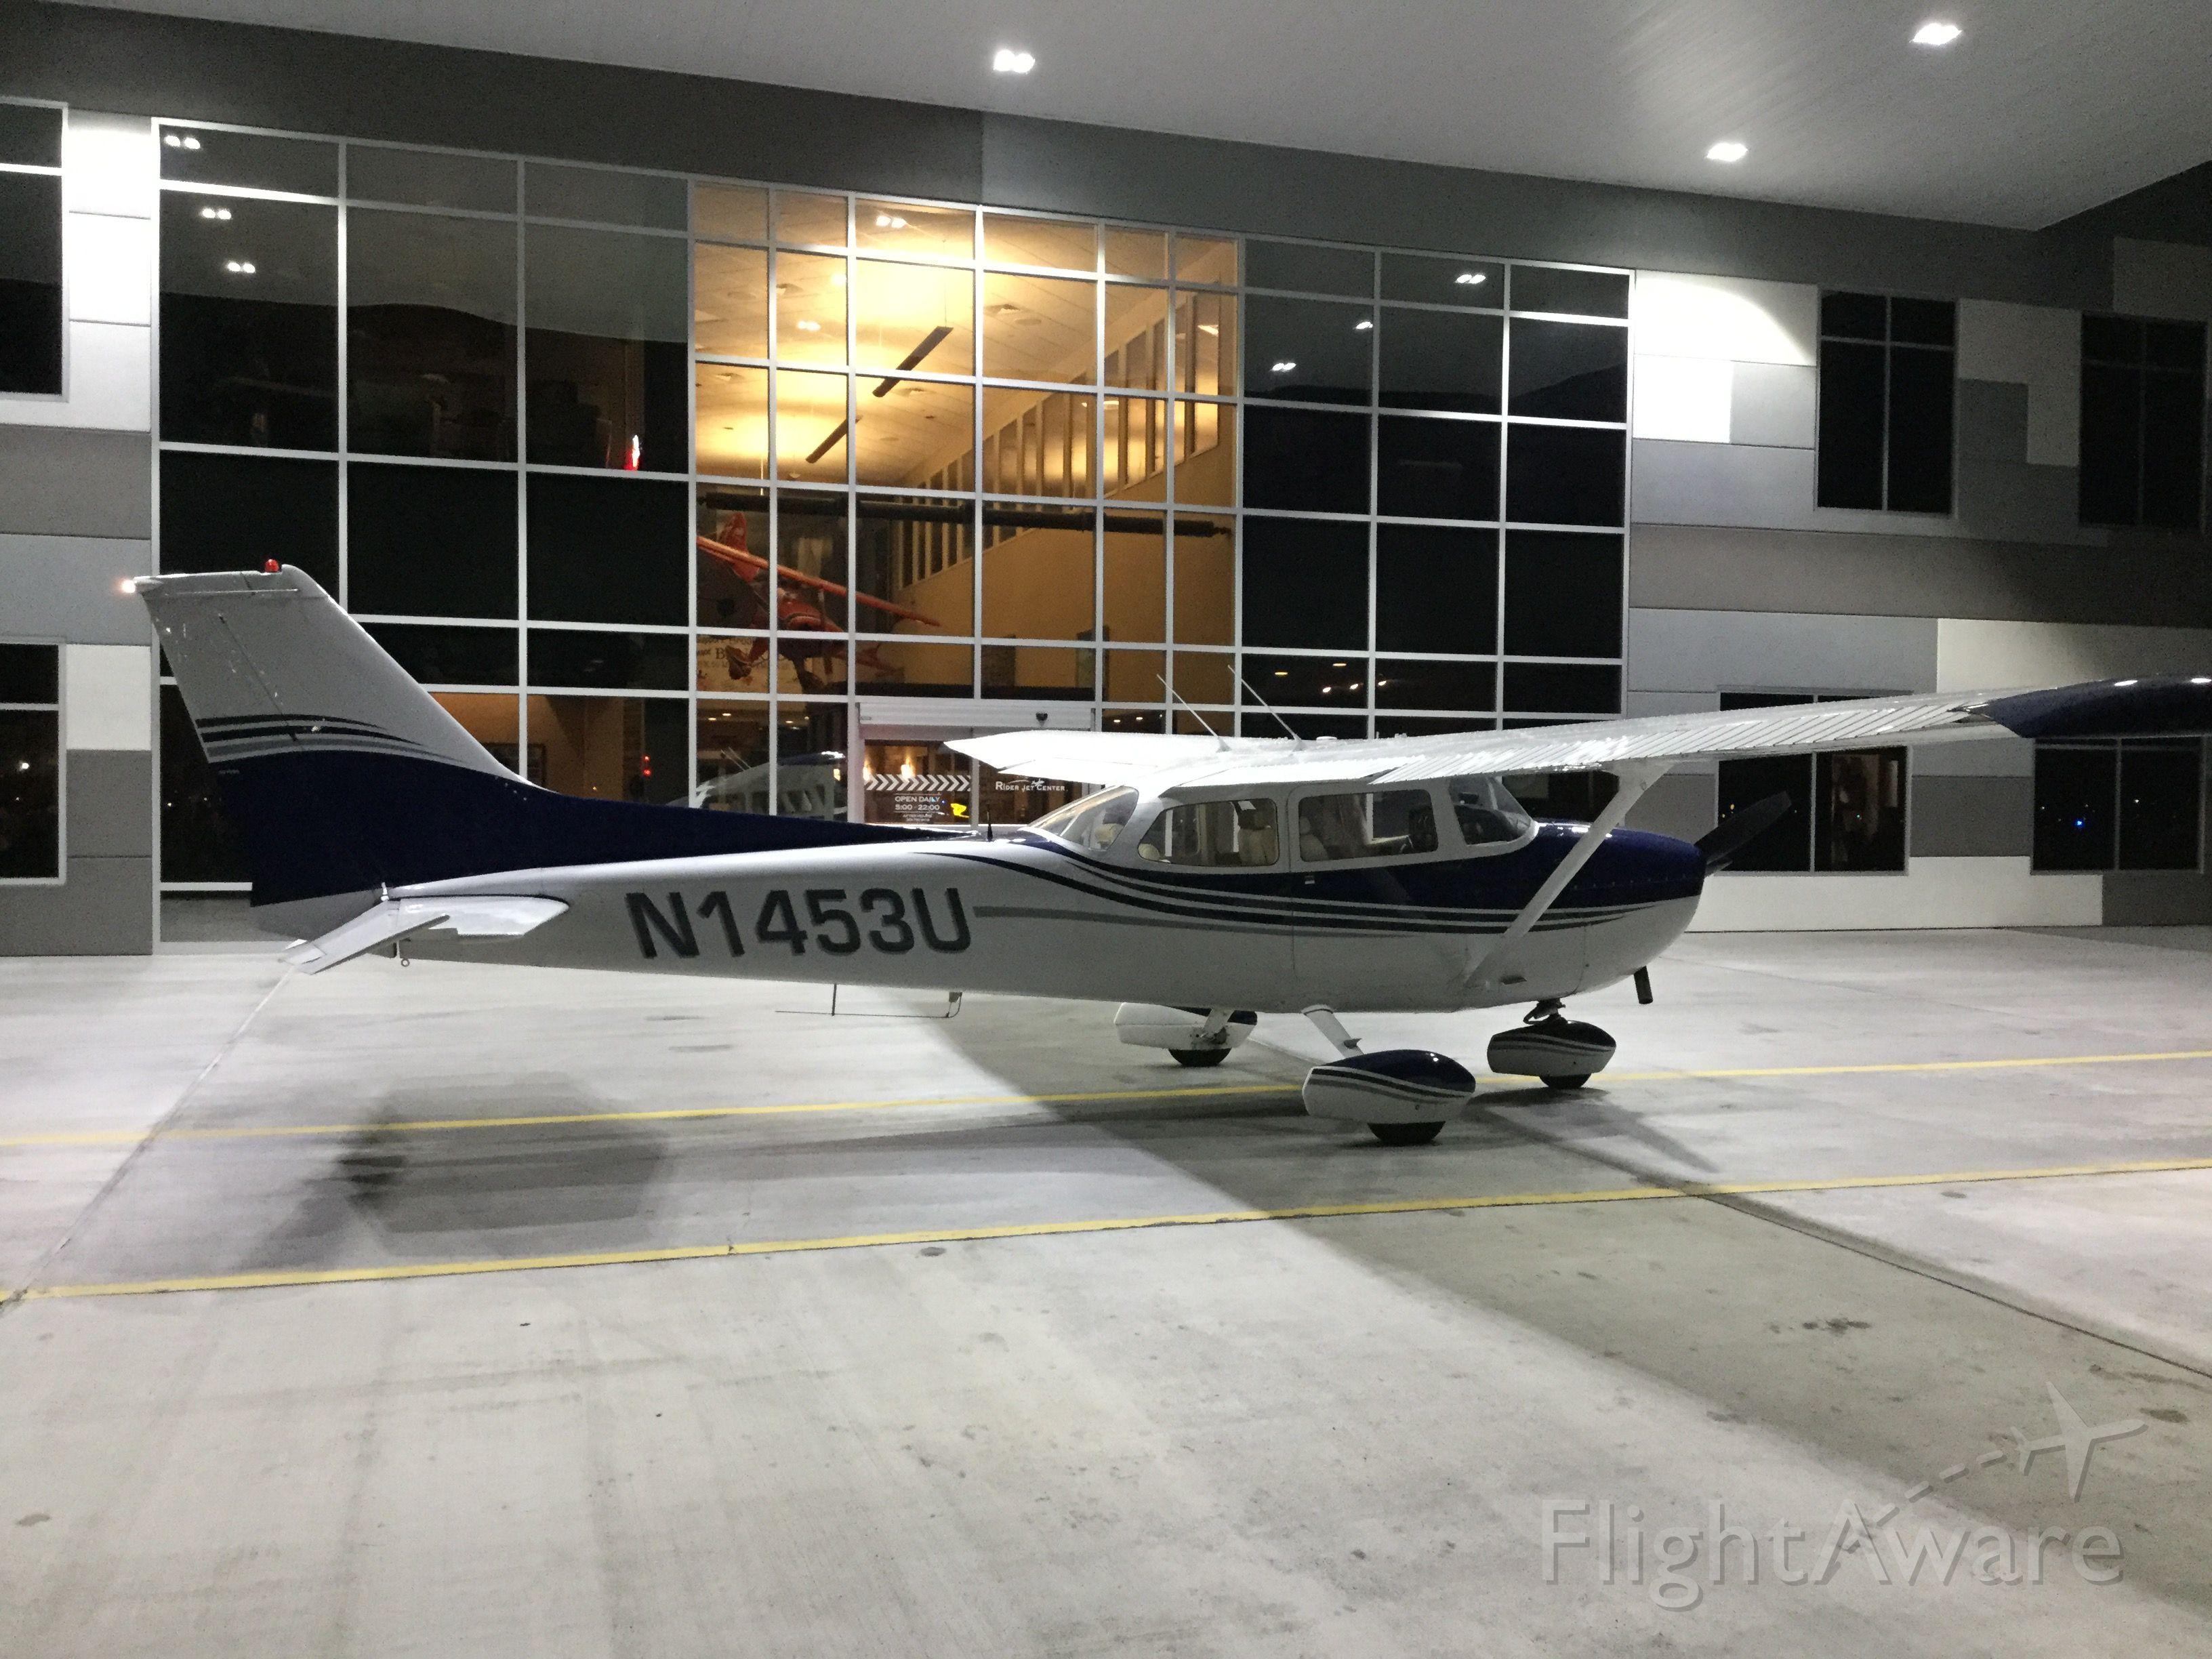 Cessna Skyhawk (N1453U)